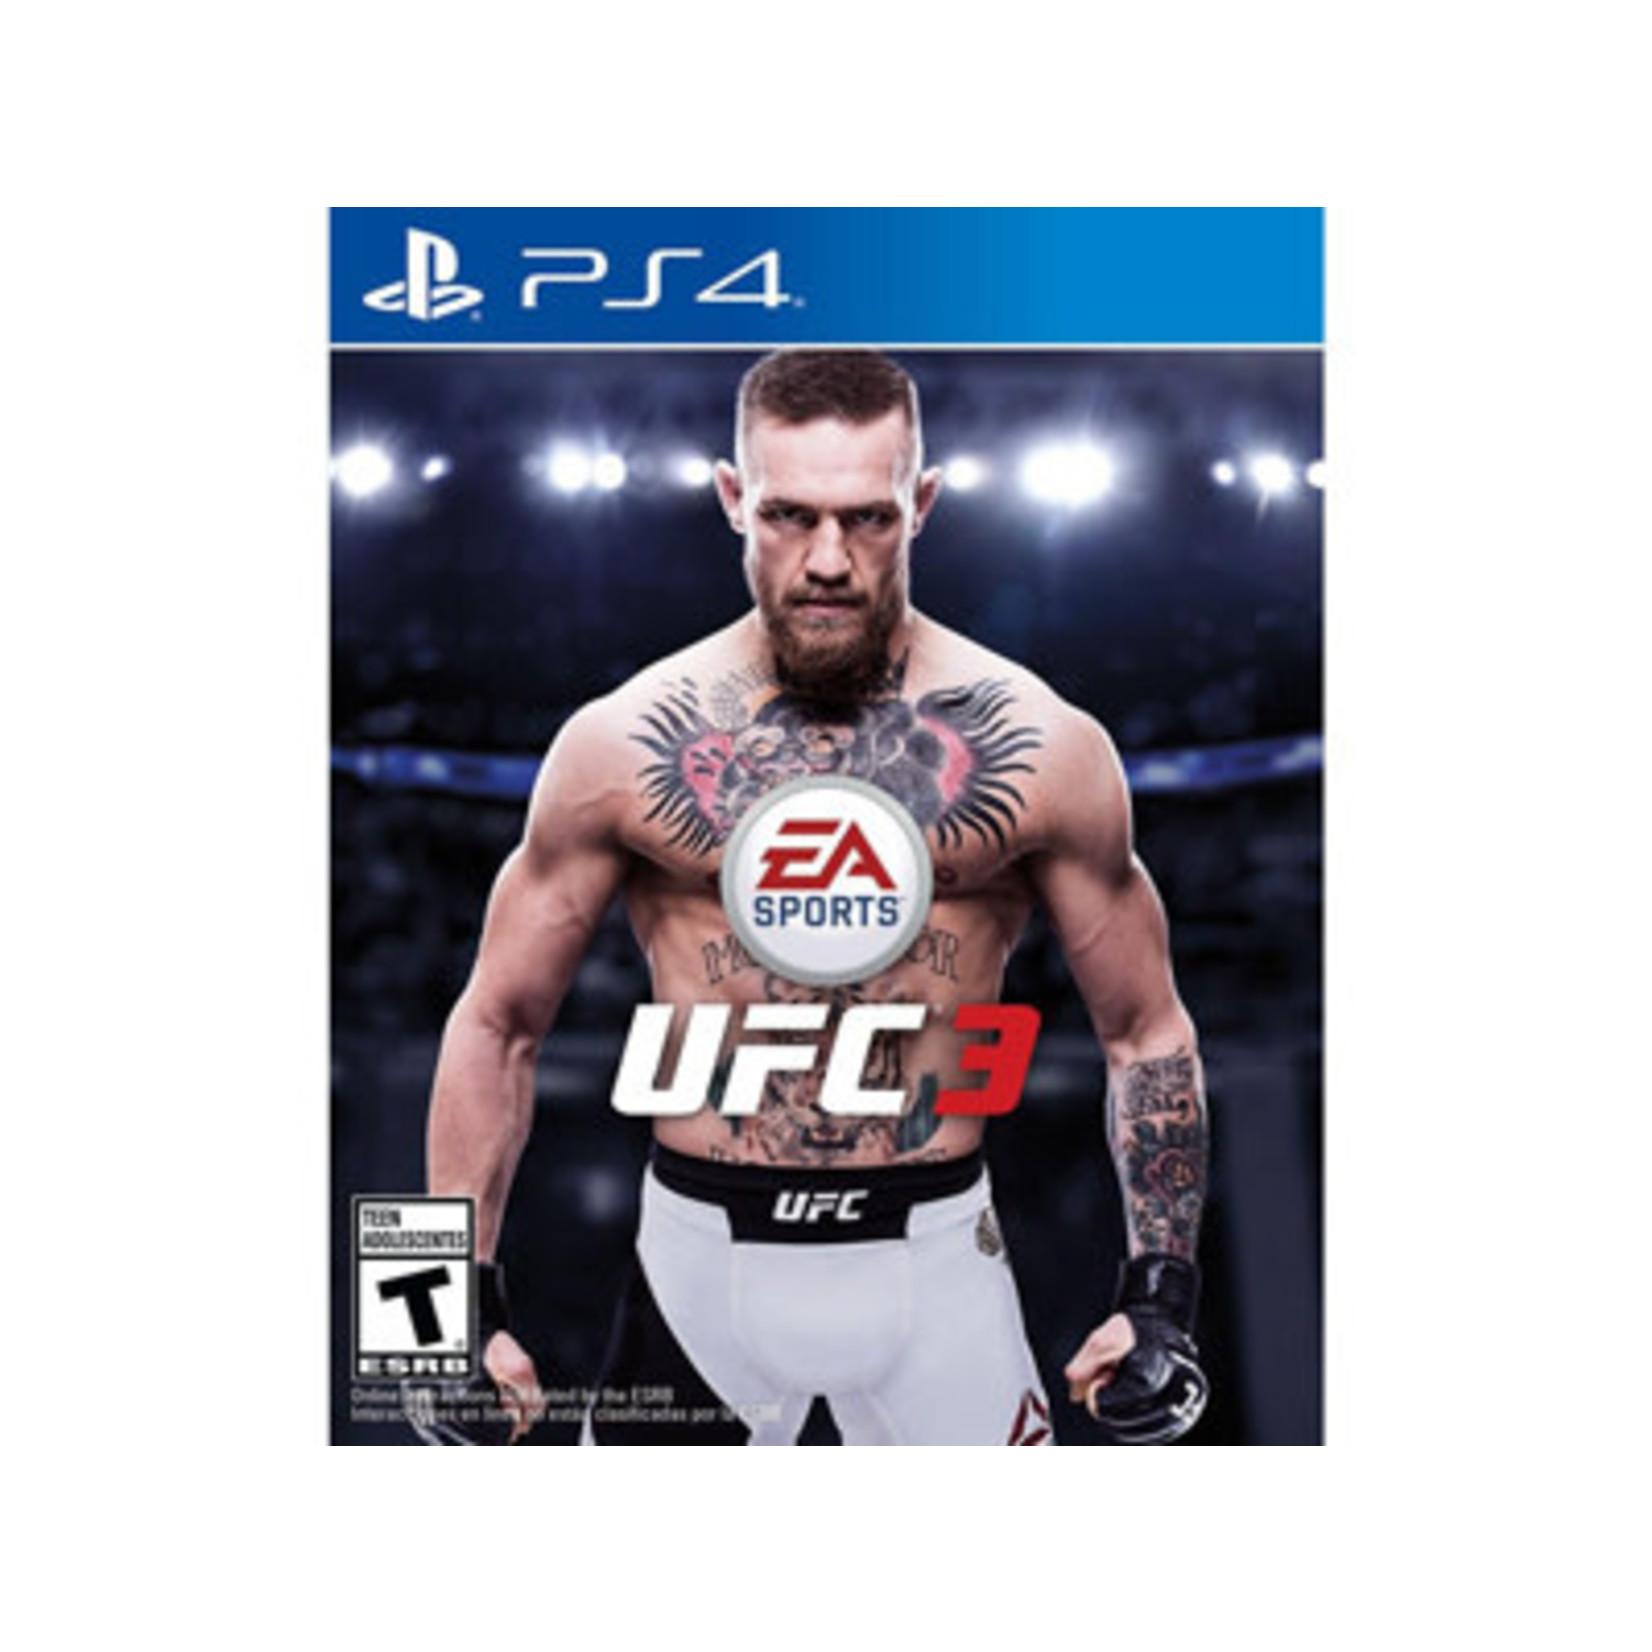 PS4U-EA SPORTS UFC 3